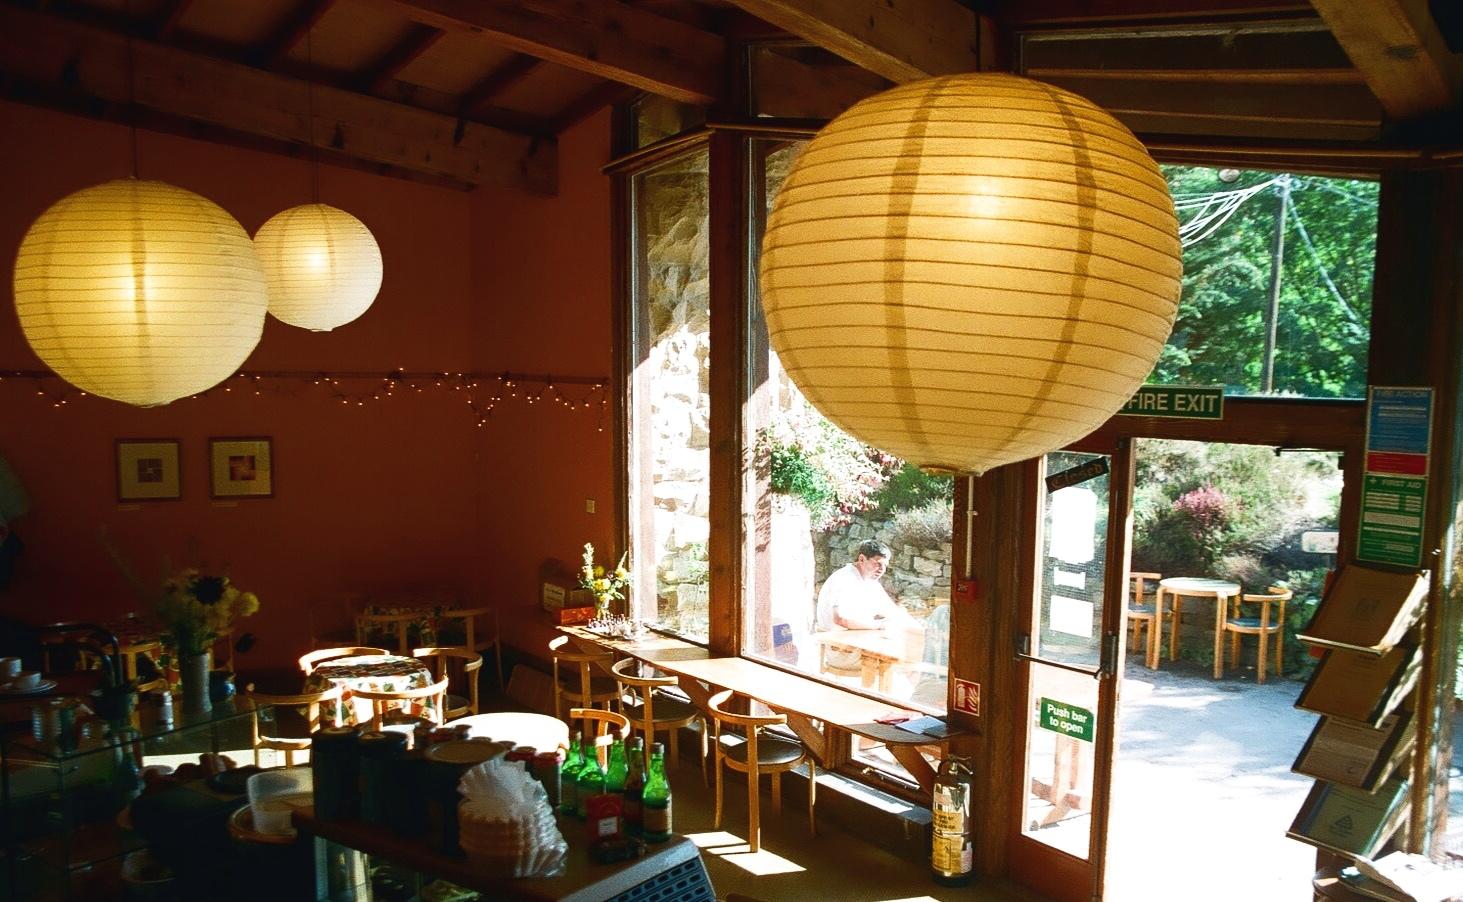 Phoenix Cafe inside